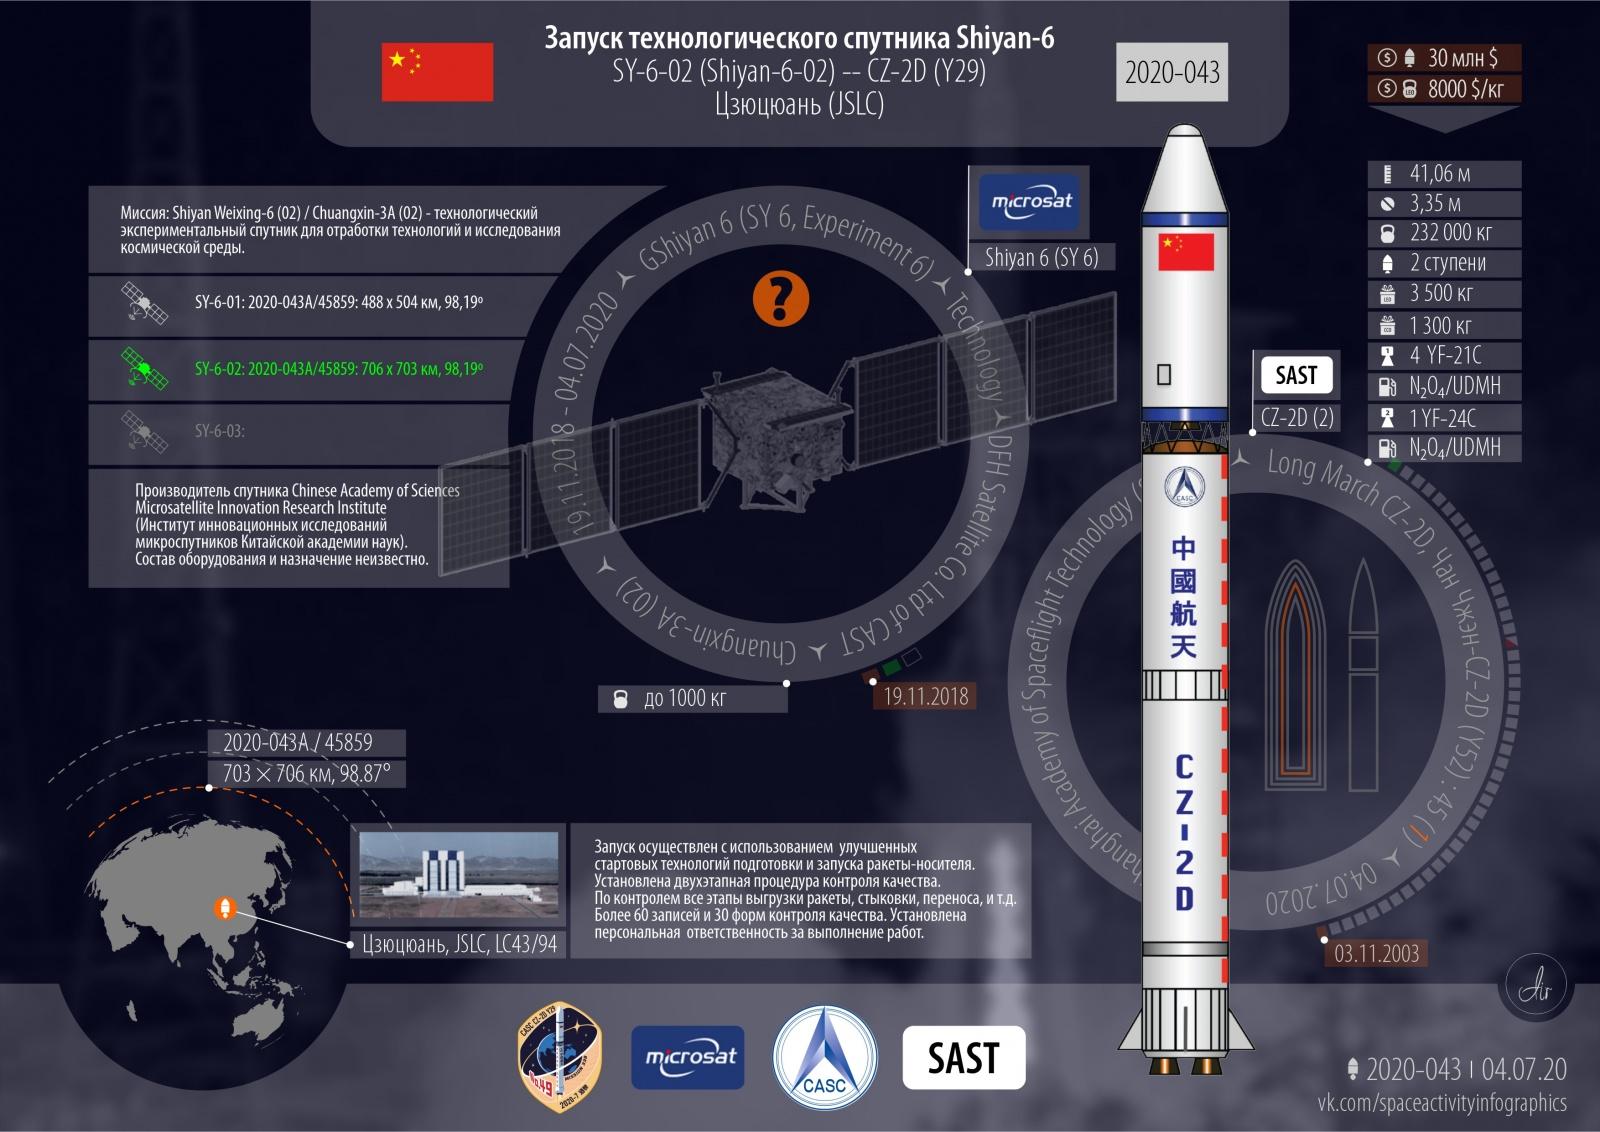 Успешный запуск. 48-й в 2020 году. 17-й от Китая. Технологический спутник без подробностей - 2